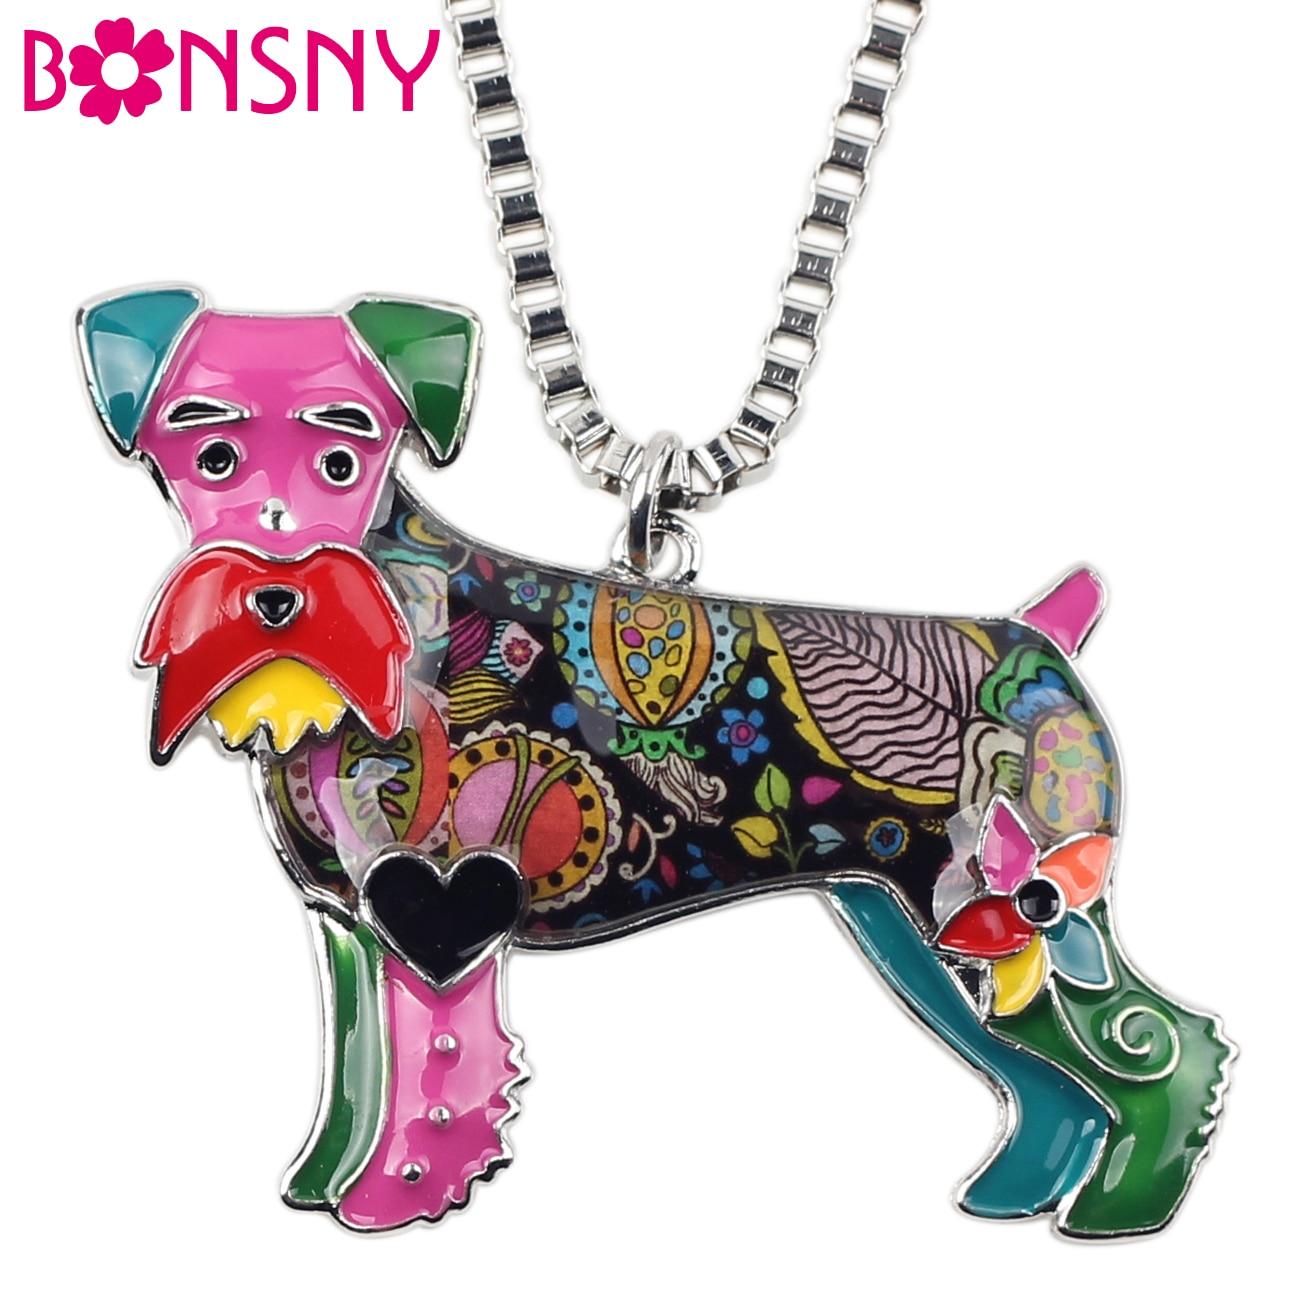 Bonsny эмалированный сплав стоящая Schnauzer Подвеска для ожерелья для собак ошейник цепь животное Новинка ювелирные изделия новинки для женщин подарок для девушек Горячая Распродажа